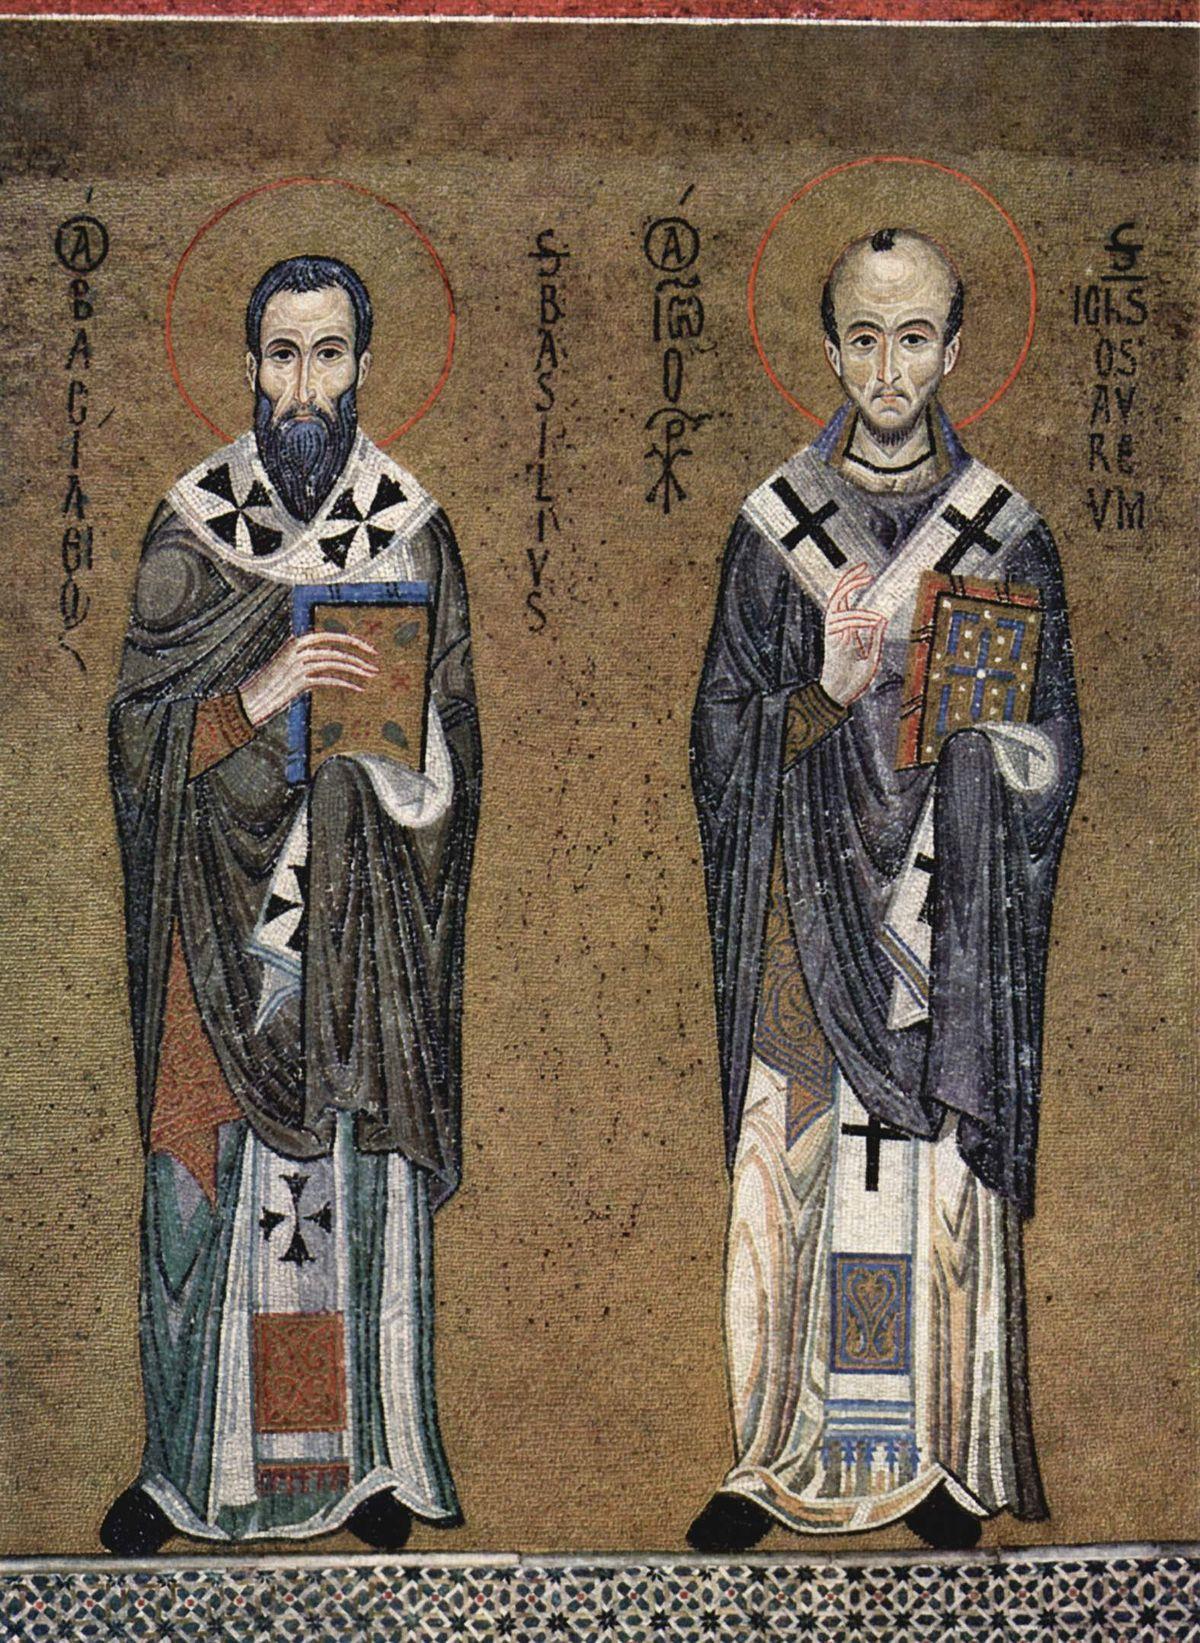 Αποτέλεσμα εικόνας για saint john chrysostom LITURGY